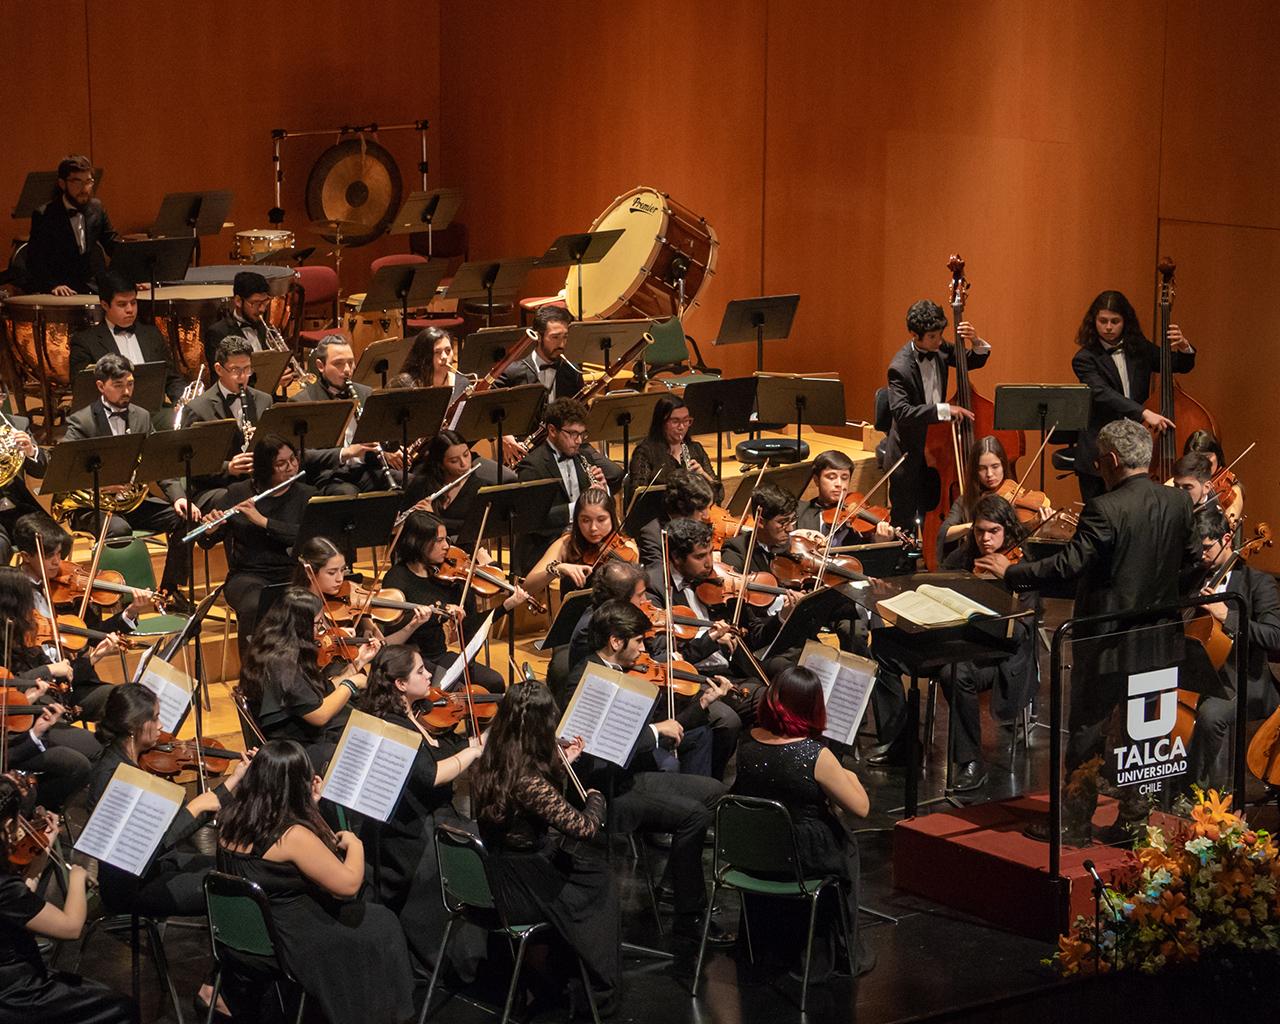 UTalca inaugura las III Jornadas Musicales de Invierno con seis conciertos y 24 actividades abiertas a los maulinos